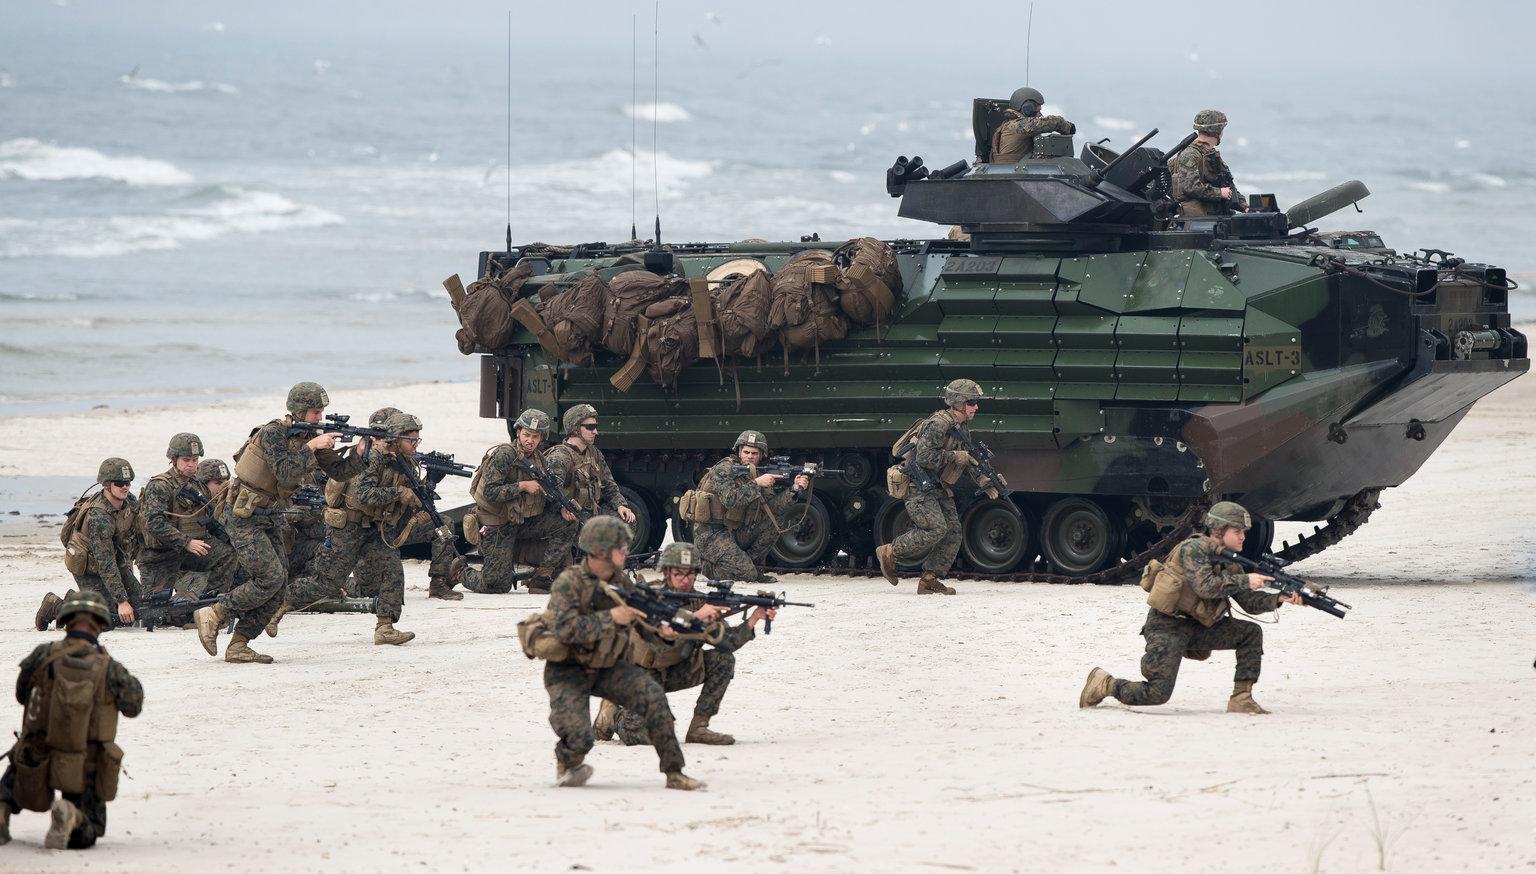 НАТО пригласила россиян посмотреть на свои массовые военные игры, потому что действительно желает, чтобы Москва получила это предупреждение